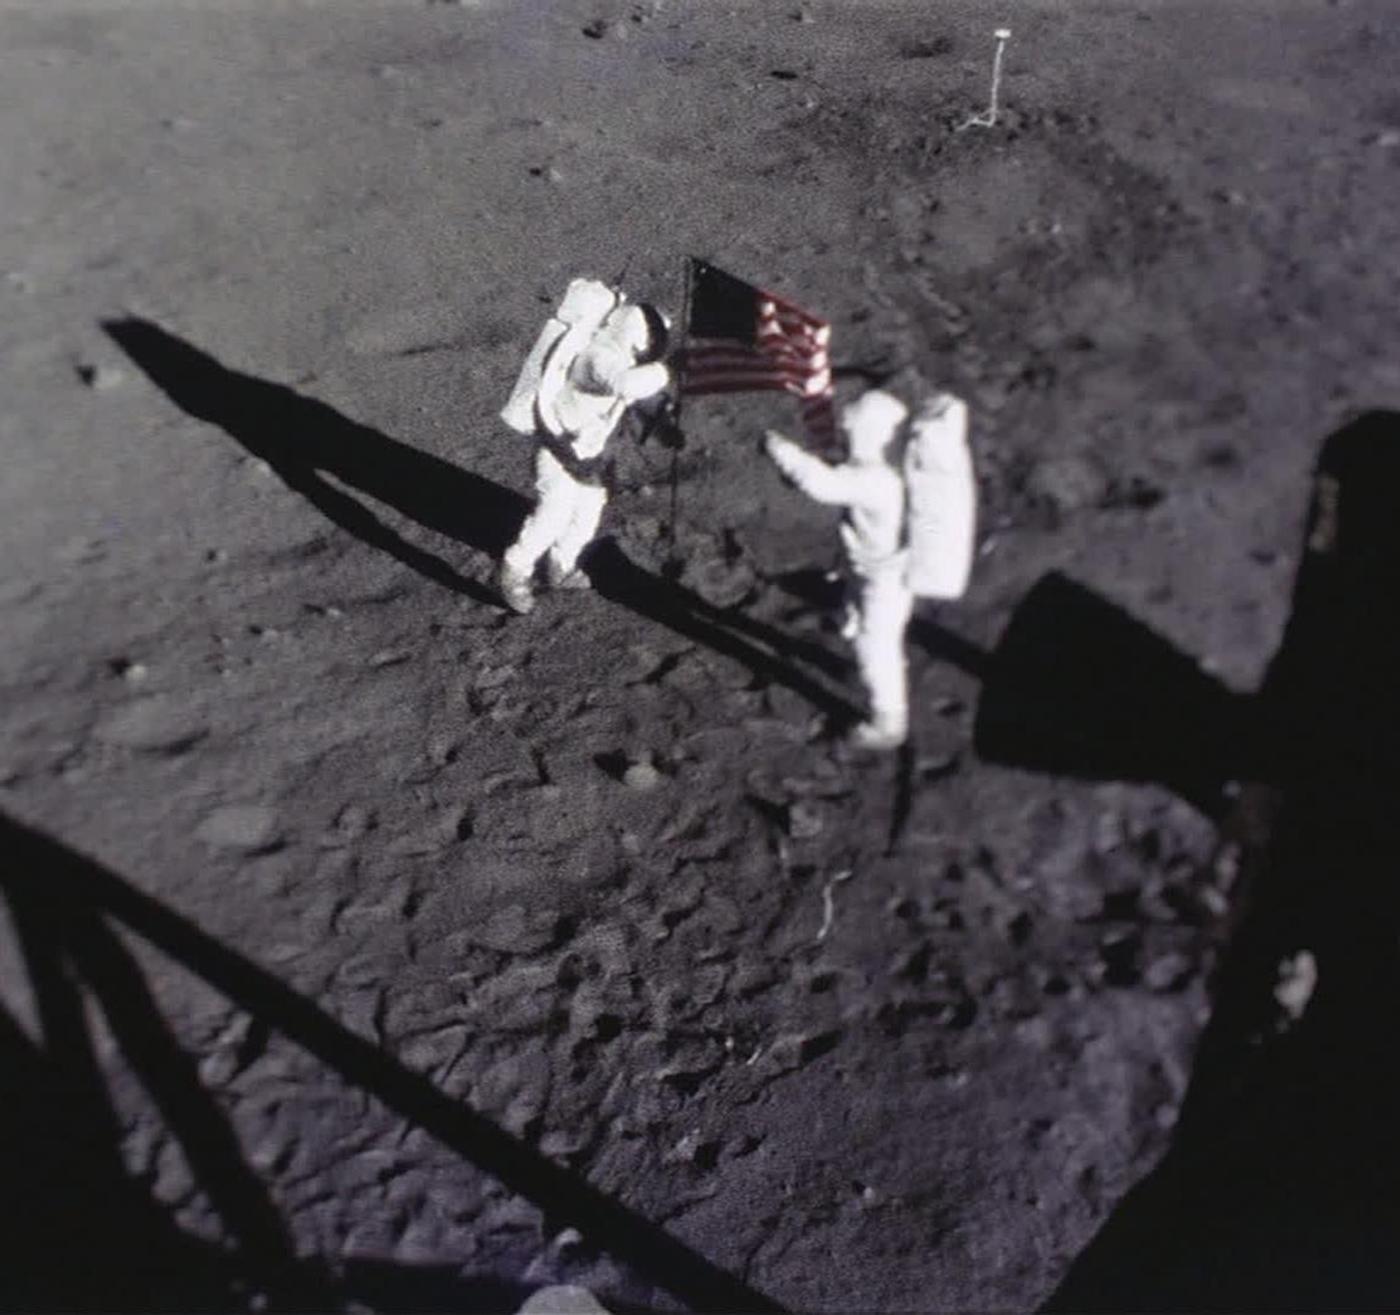 Apollo 11 camera lost